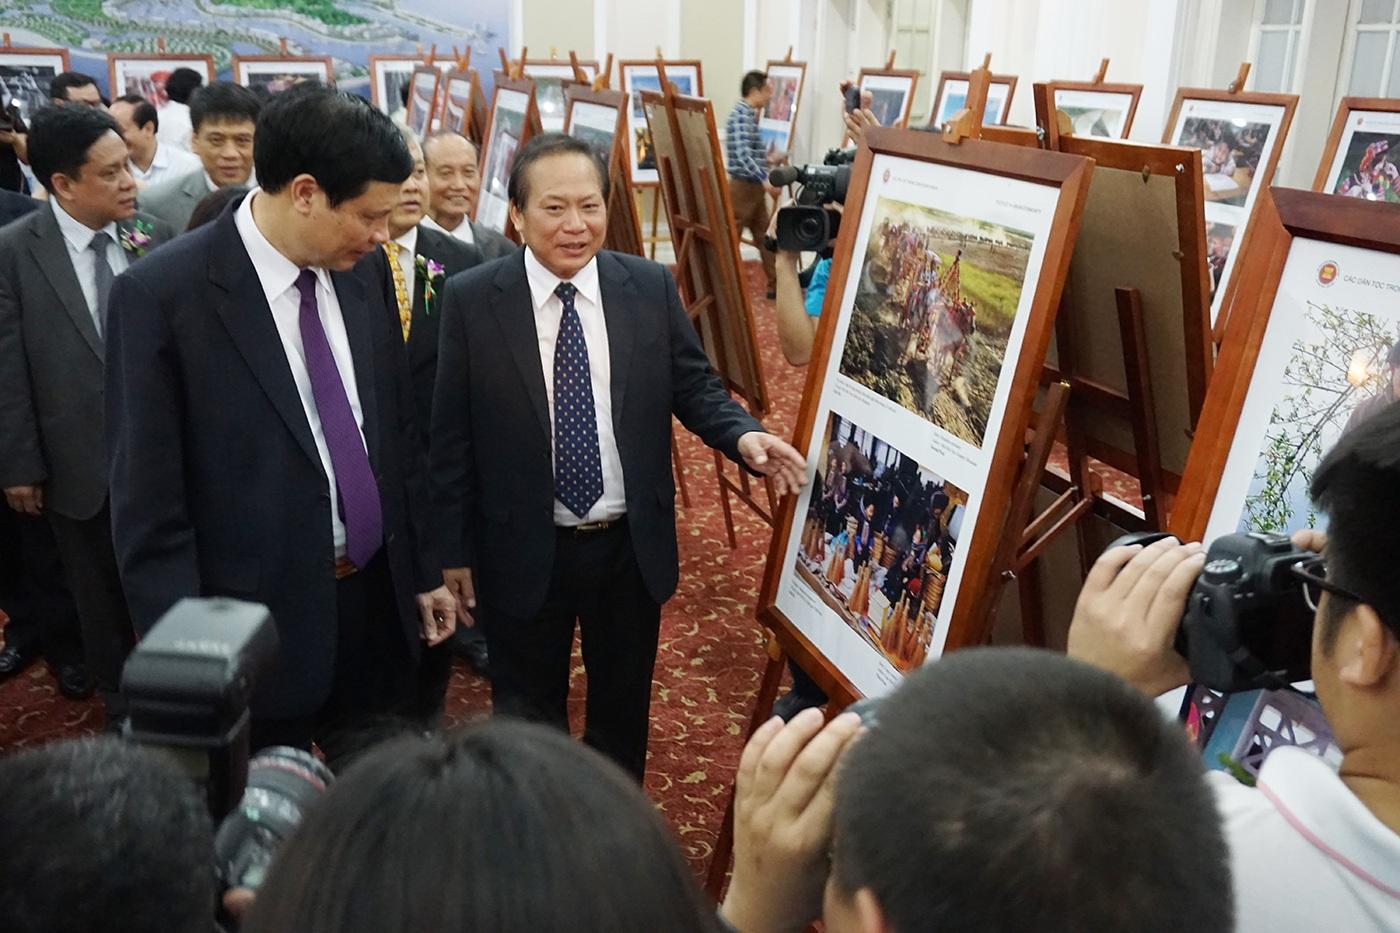 Triển lãm Ảnh và Phim phóng sự - tài liệu trong cộng đồng ASEAN tại Việt Nam - 1